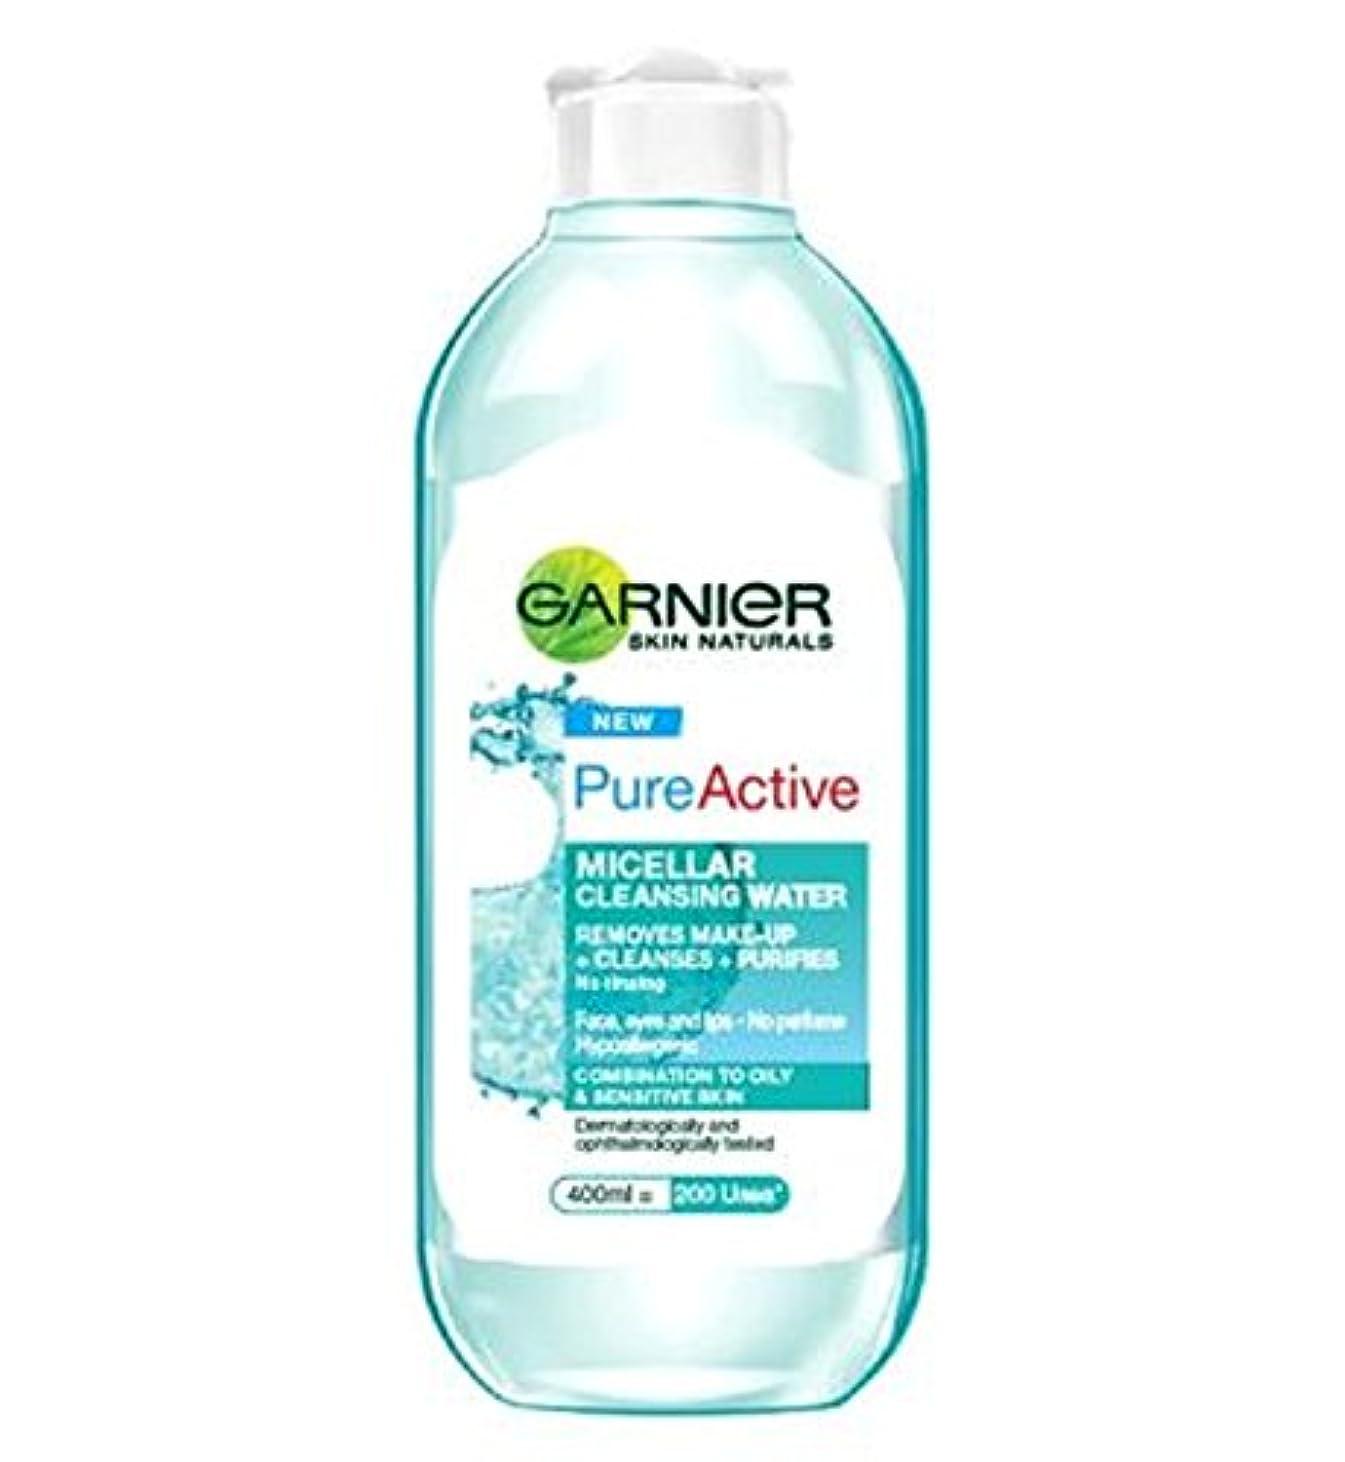 管理します西パールガルニエ純粋なミセル洗浄水400ミリリットル (Garnier) (x2) - Garnier Pure Micellar Cleansing Water 400ml (Pack of 2) [並行輸入品]